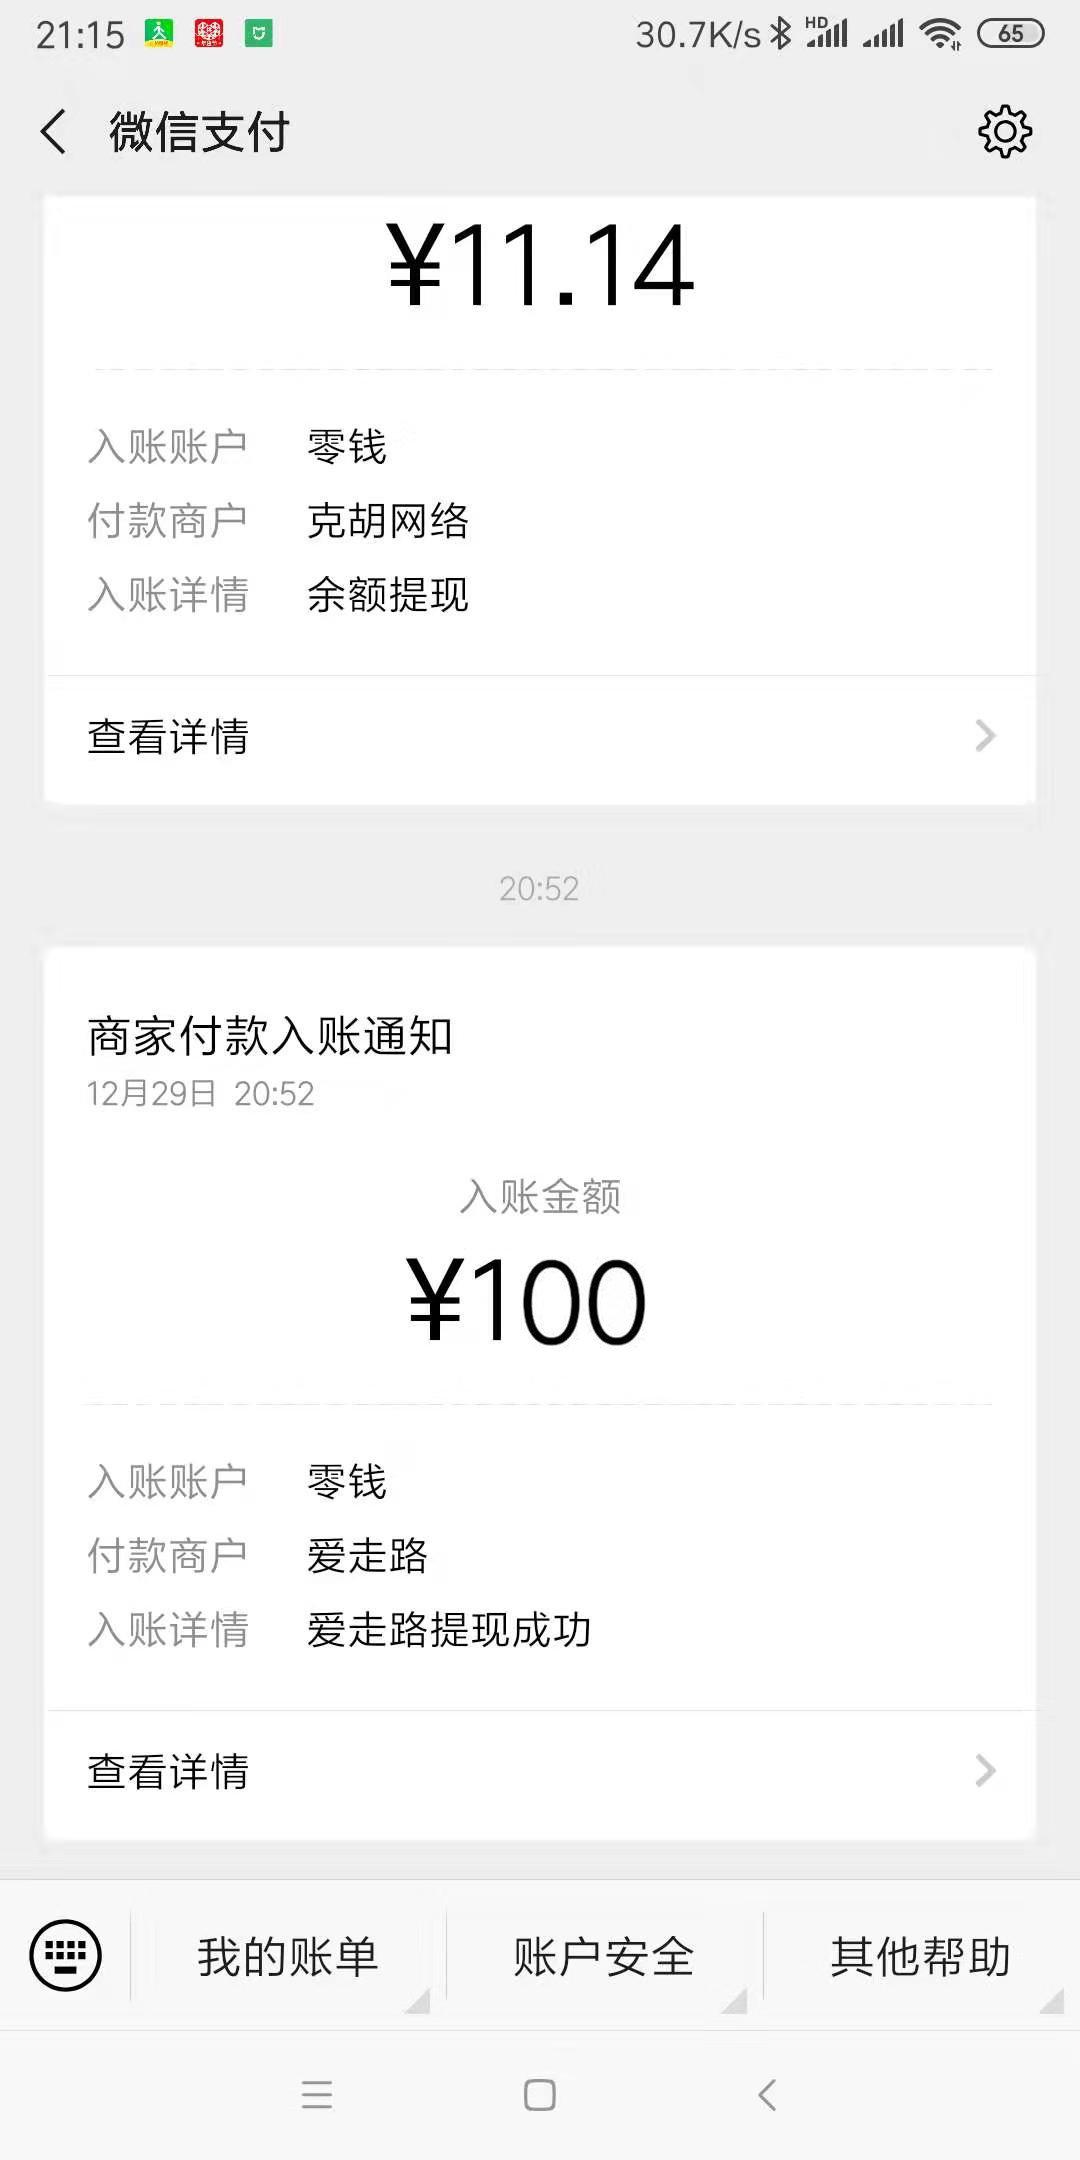 走路赚钱软件,爱走路APP新用户下载登陆送0.5元提现秒到 手机赚钱 第4张